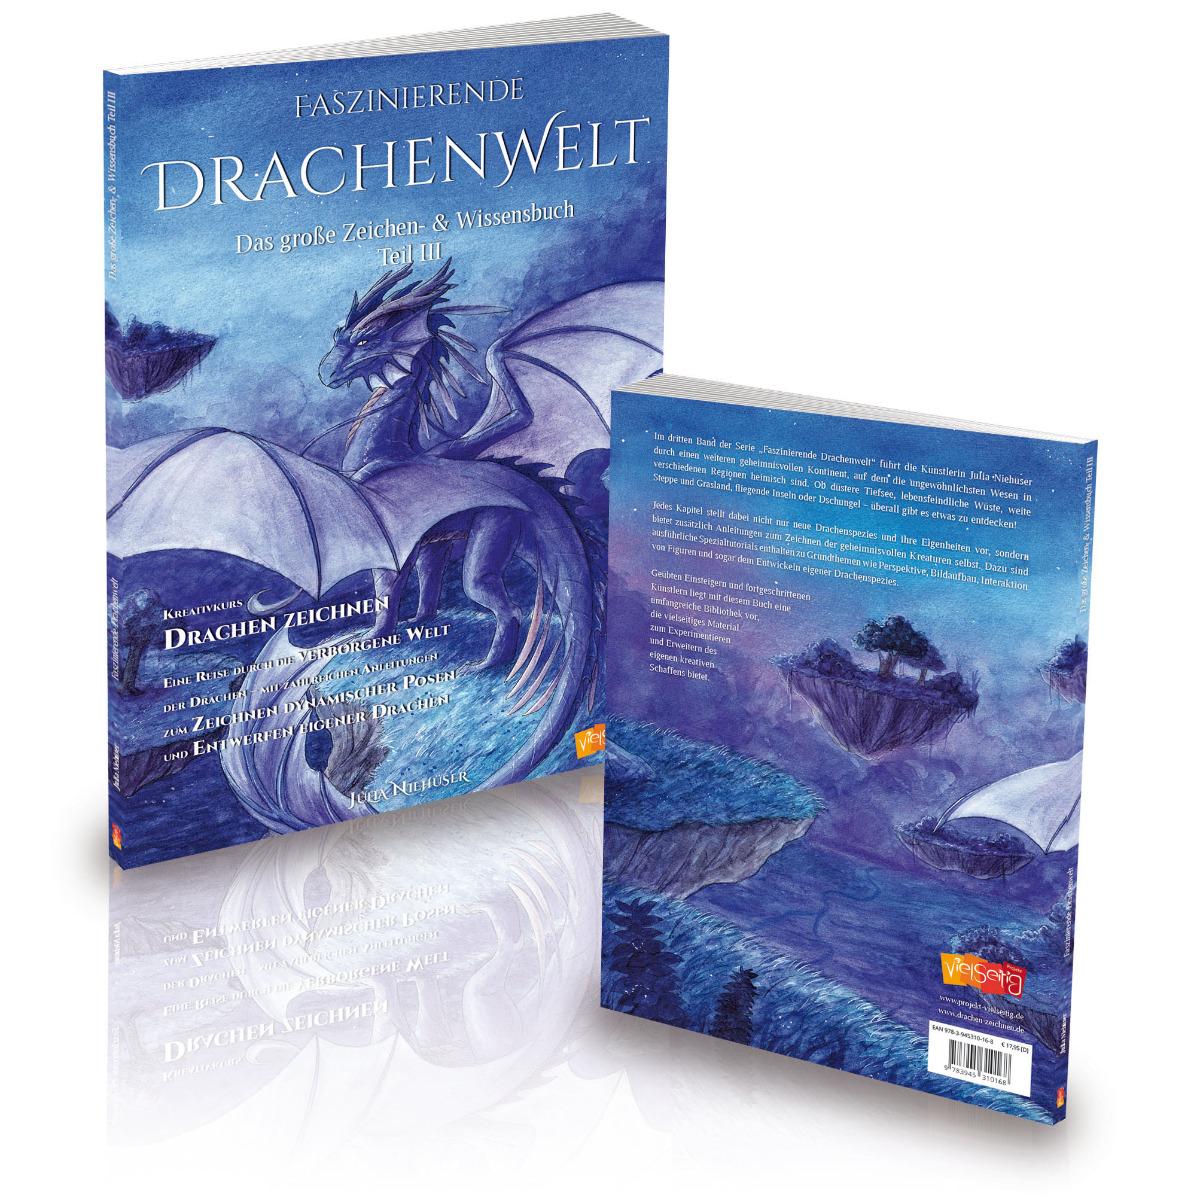 Faszinierende Drachenwelt - Das große Zeichen- und Wissensbuch Teil 3